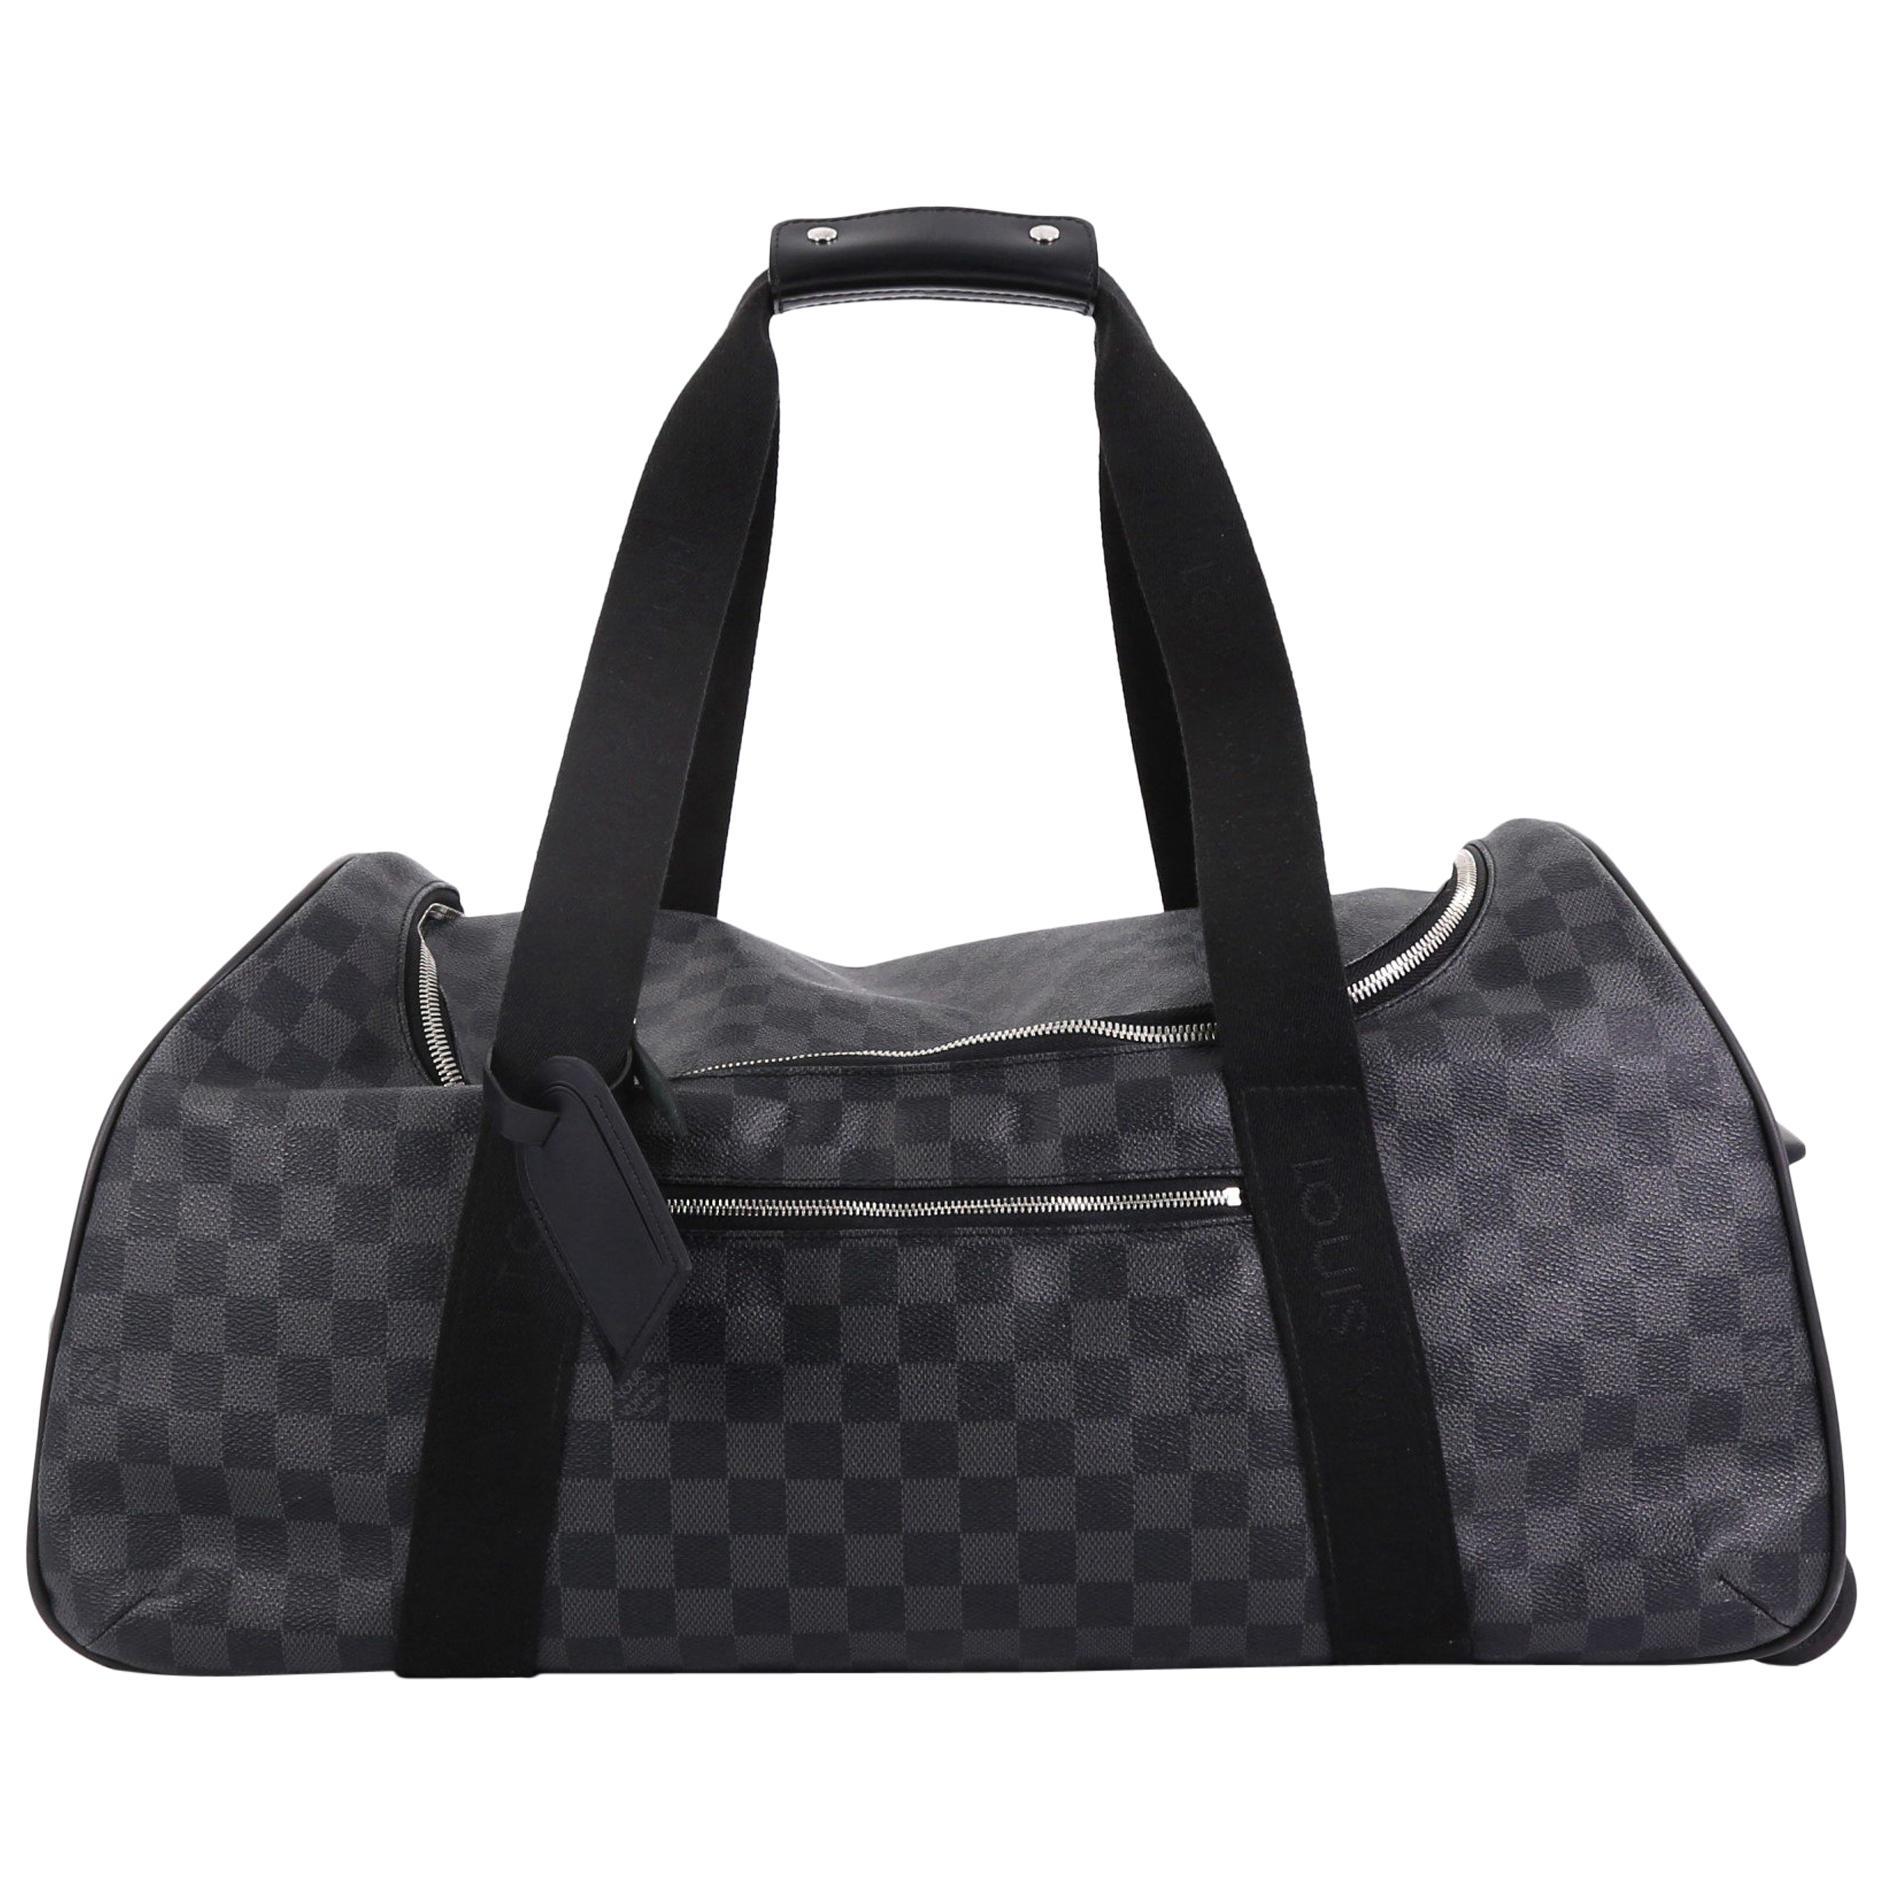 bf82b75f3778 Rebag Luggage and Travel Bags - 1stdibs